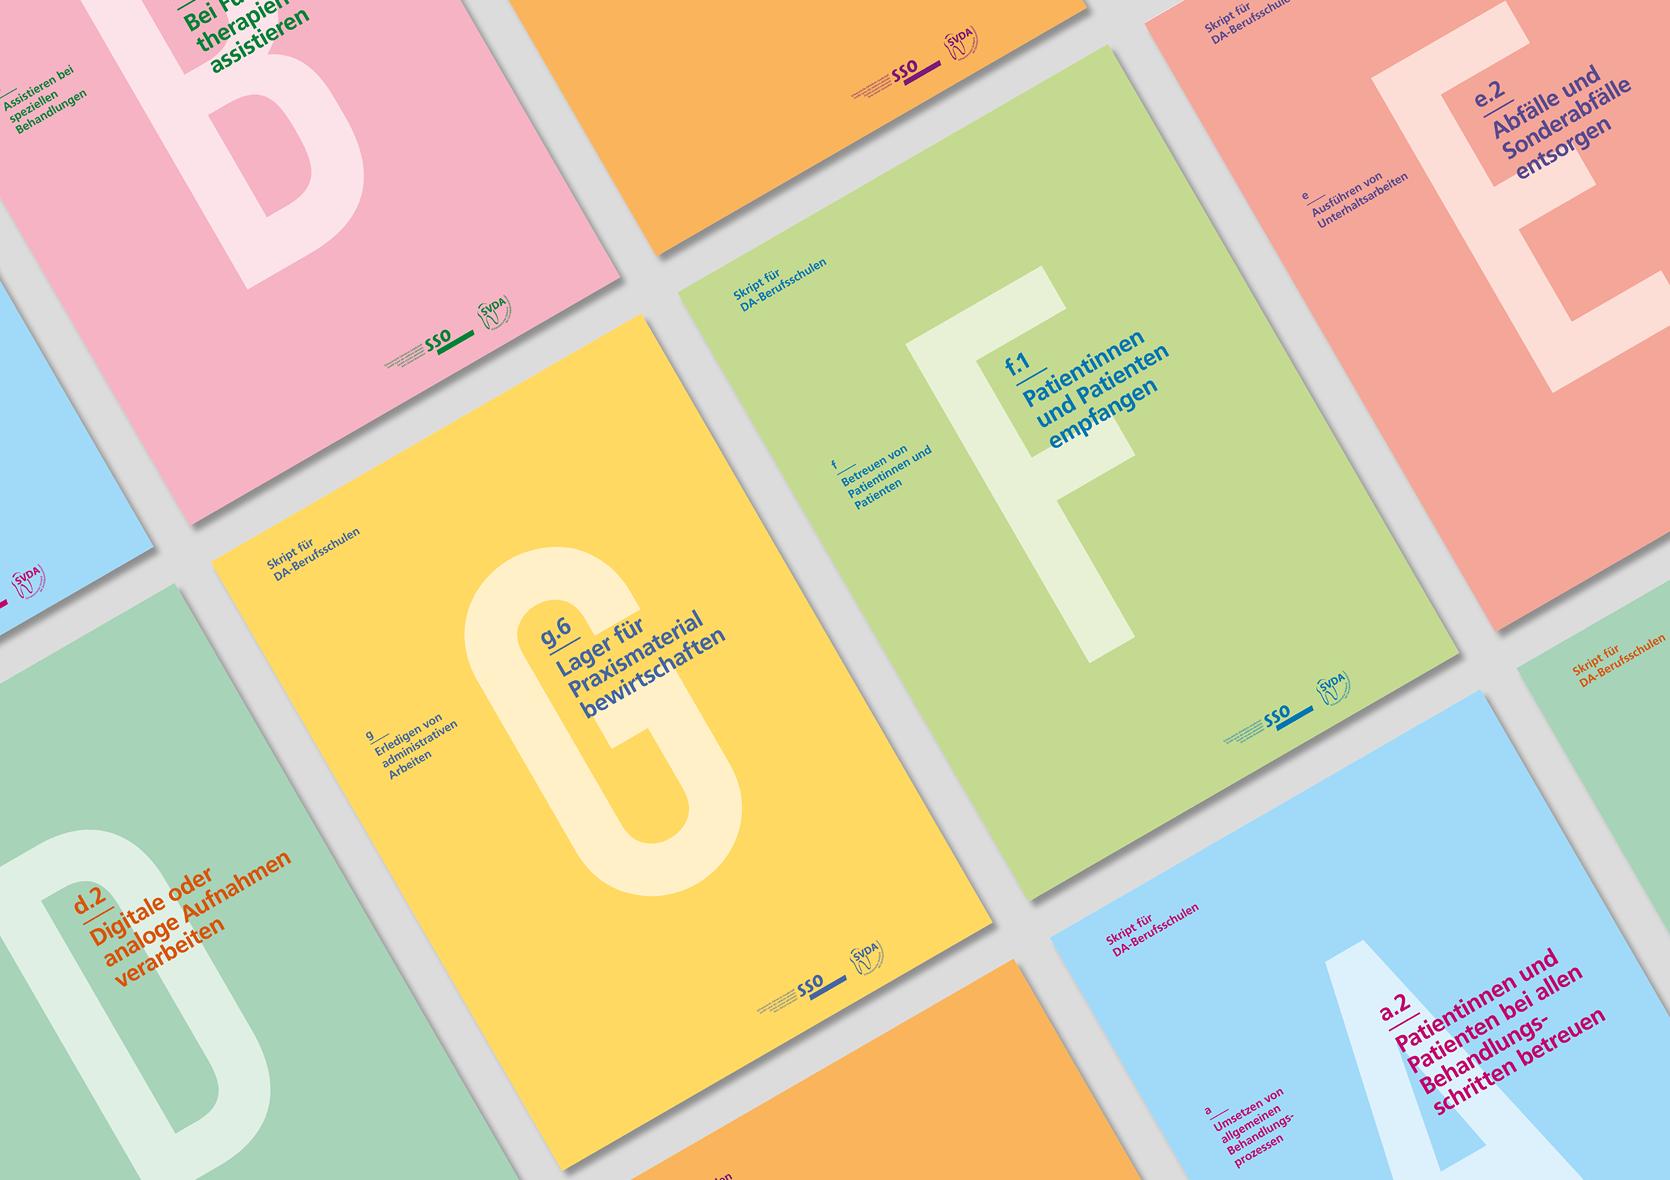 Definitiv Design, Perspektiven: SSO Lehrmittel für DA-Berufsschulen, Coverkonzept